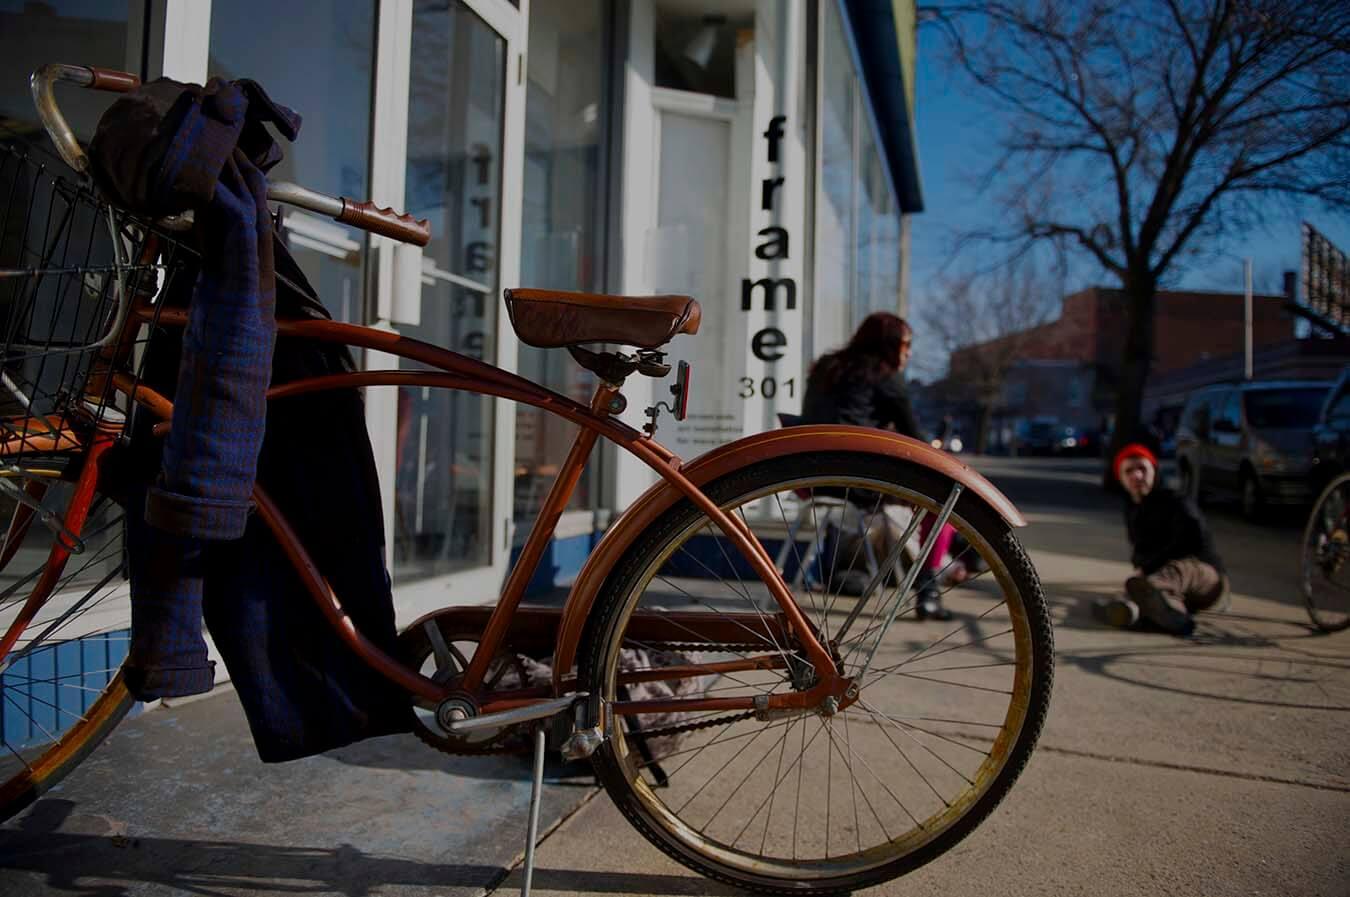 Bike Outside of 301 Gallery